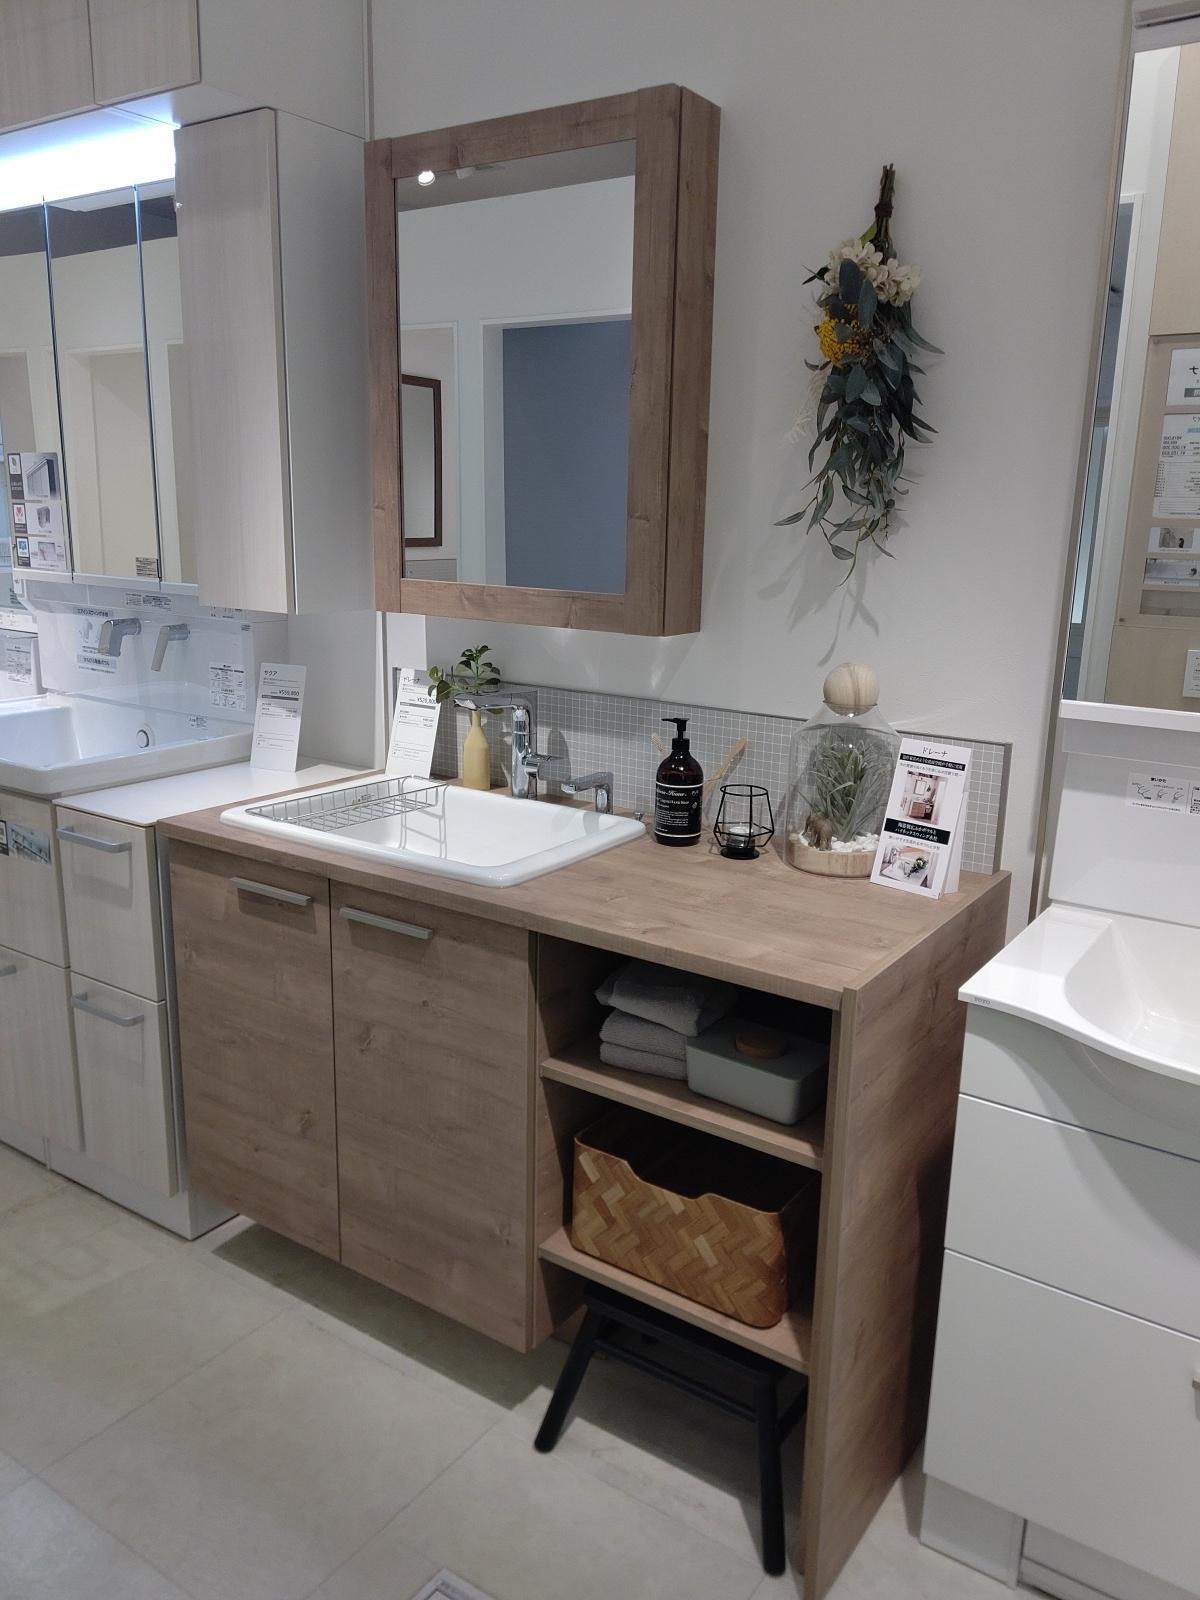 洗面 台 toto TOTOの洗面台がすごい!圧倒的な機能性が魅力♪